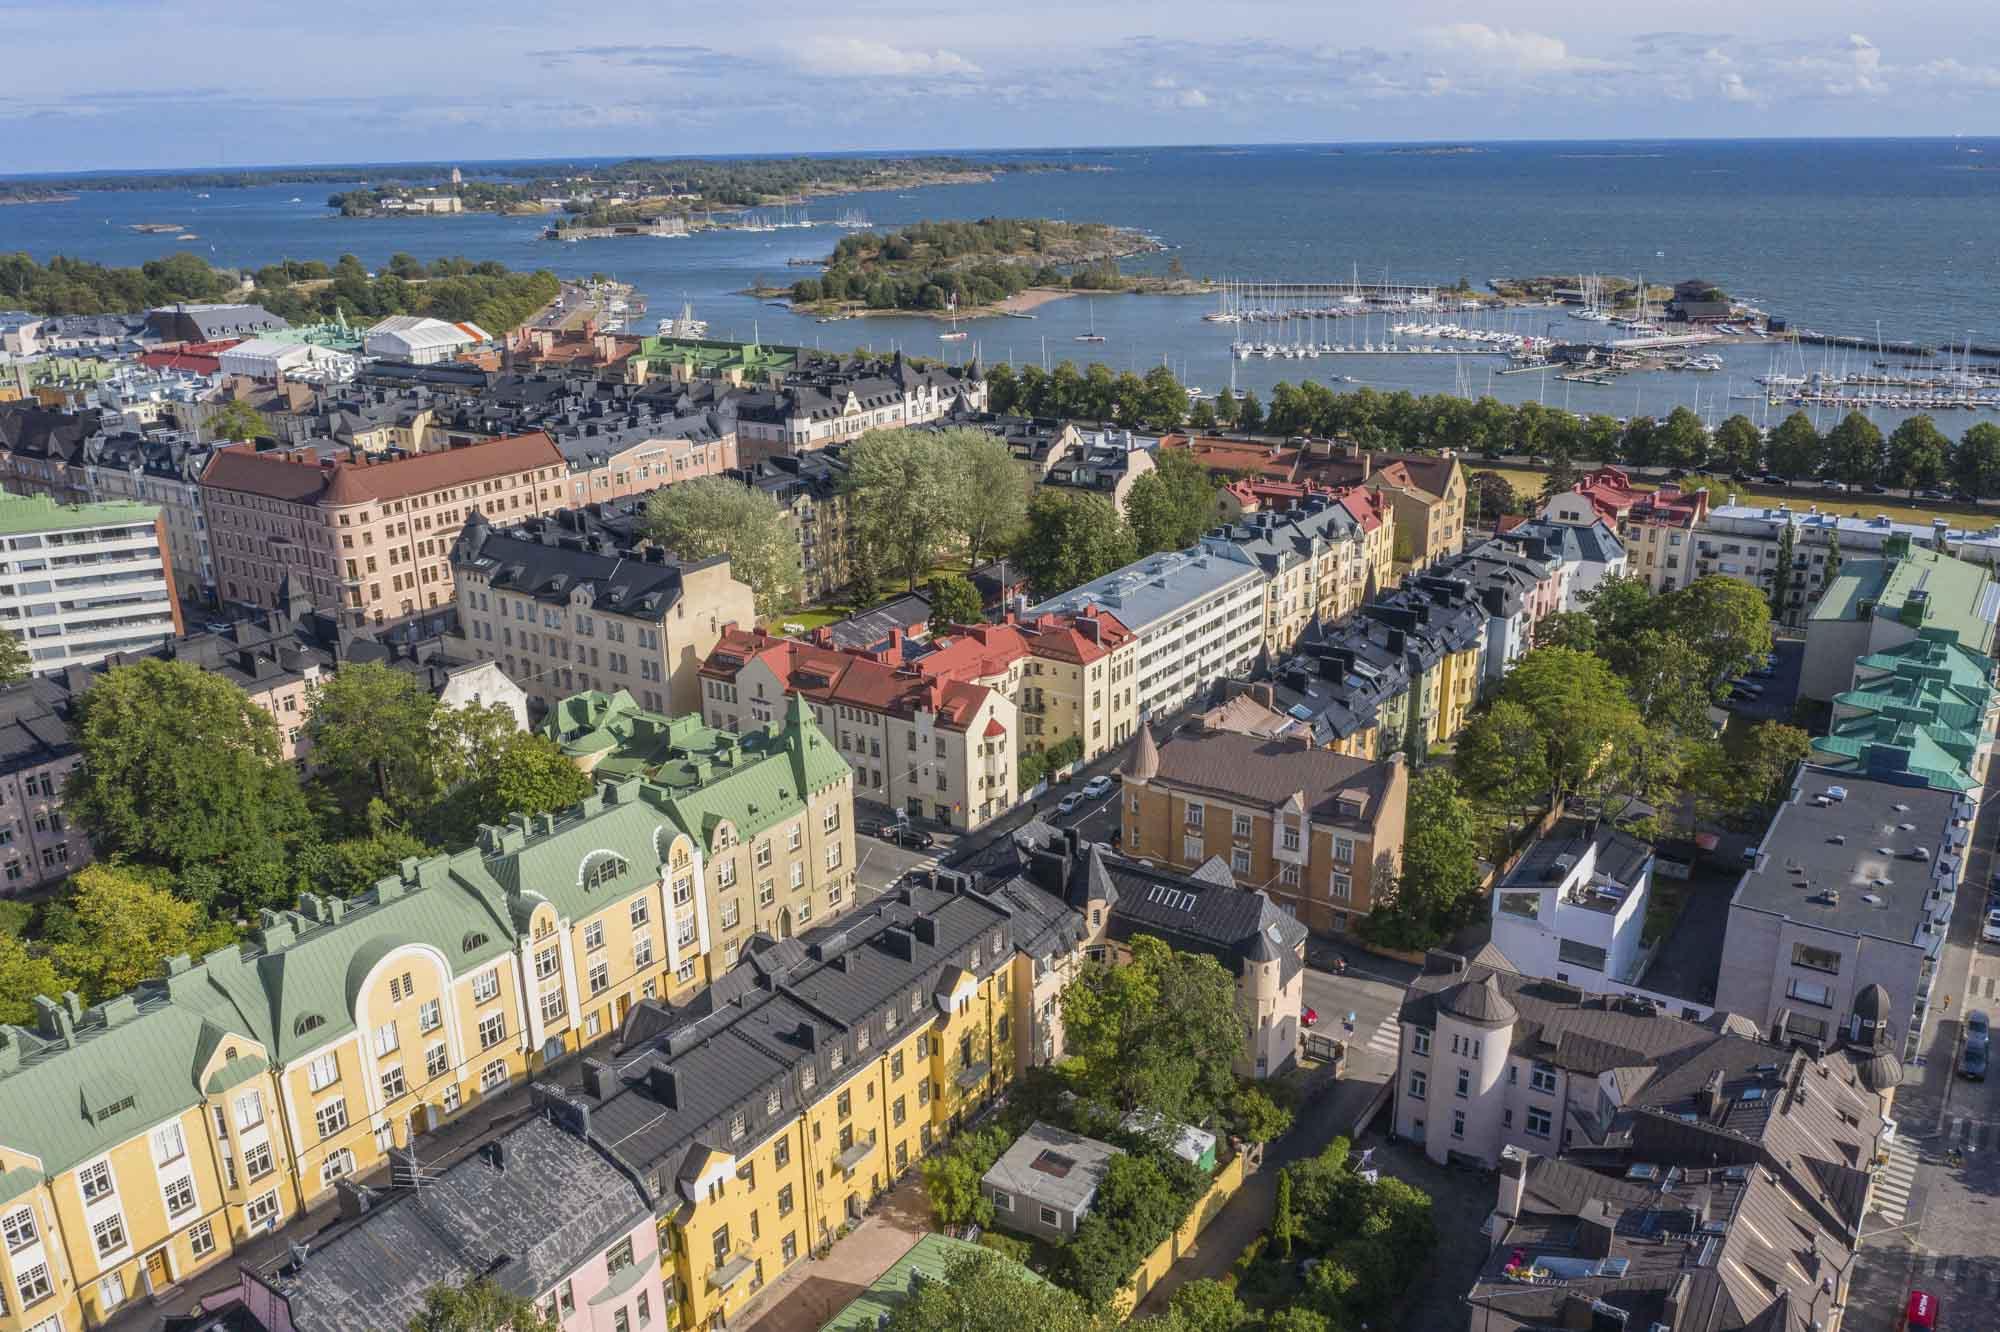 Finnland, Helsinki, Stadtteil Eira - Ullanlinna, Yachthafen, Schärenlandschaft aus der Luft